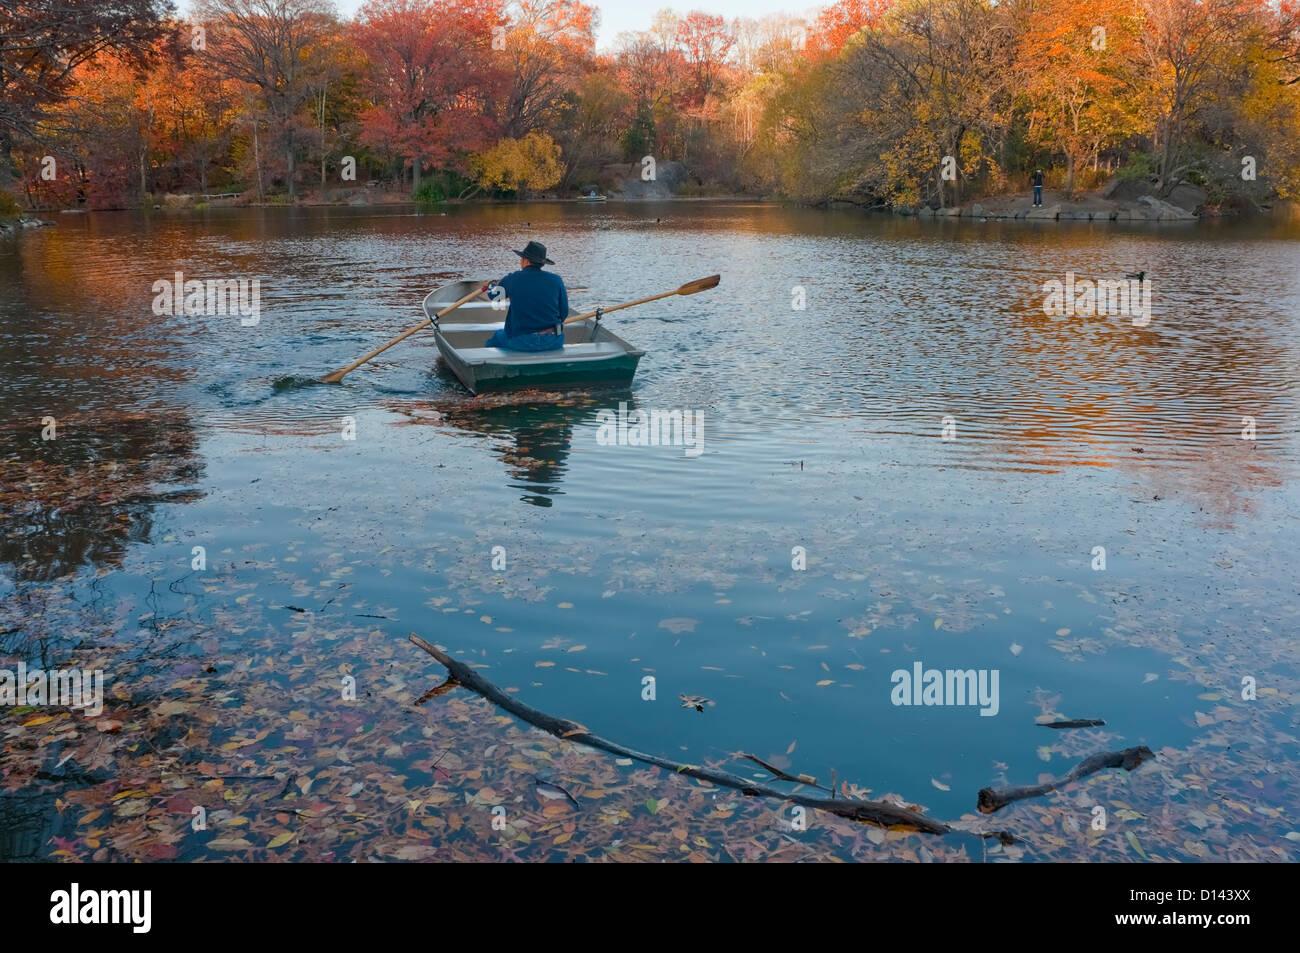 New York, NY - 19 Novembre 2010 Man remare una barca nel lago di Central Park Immagini Stock